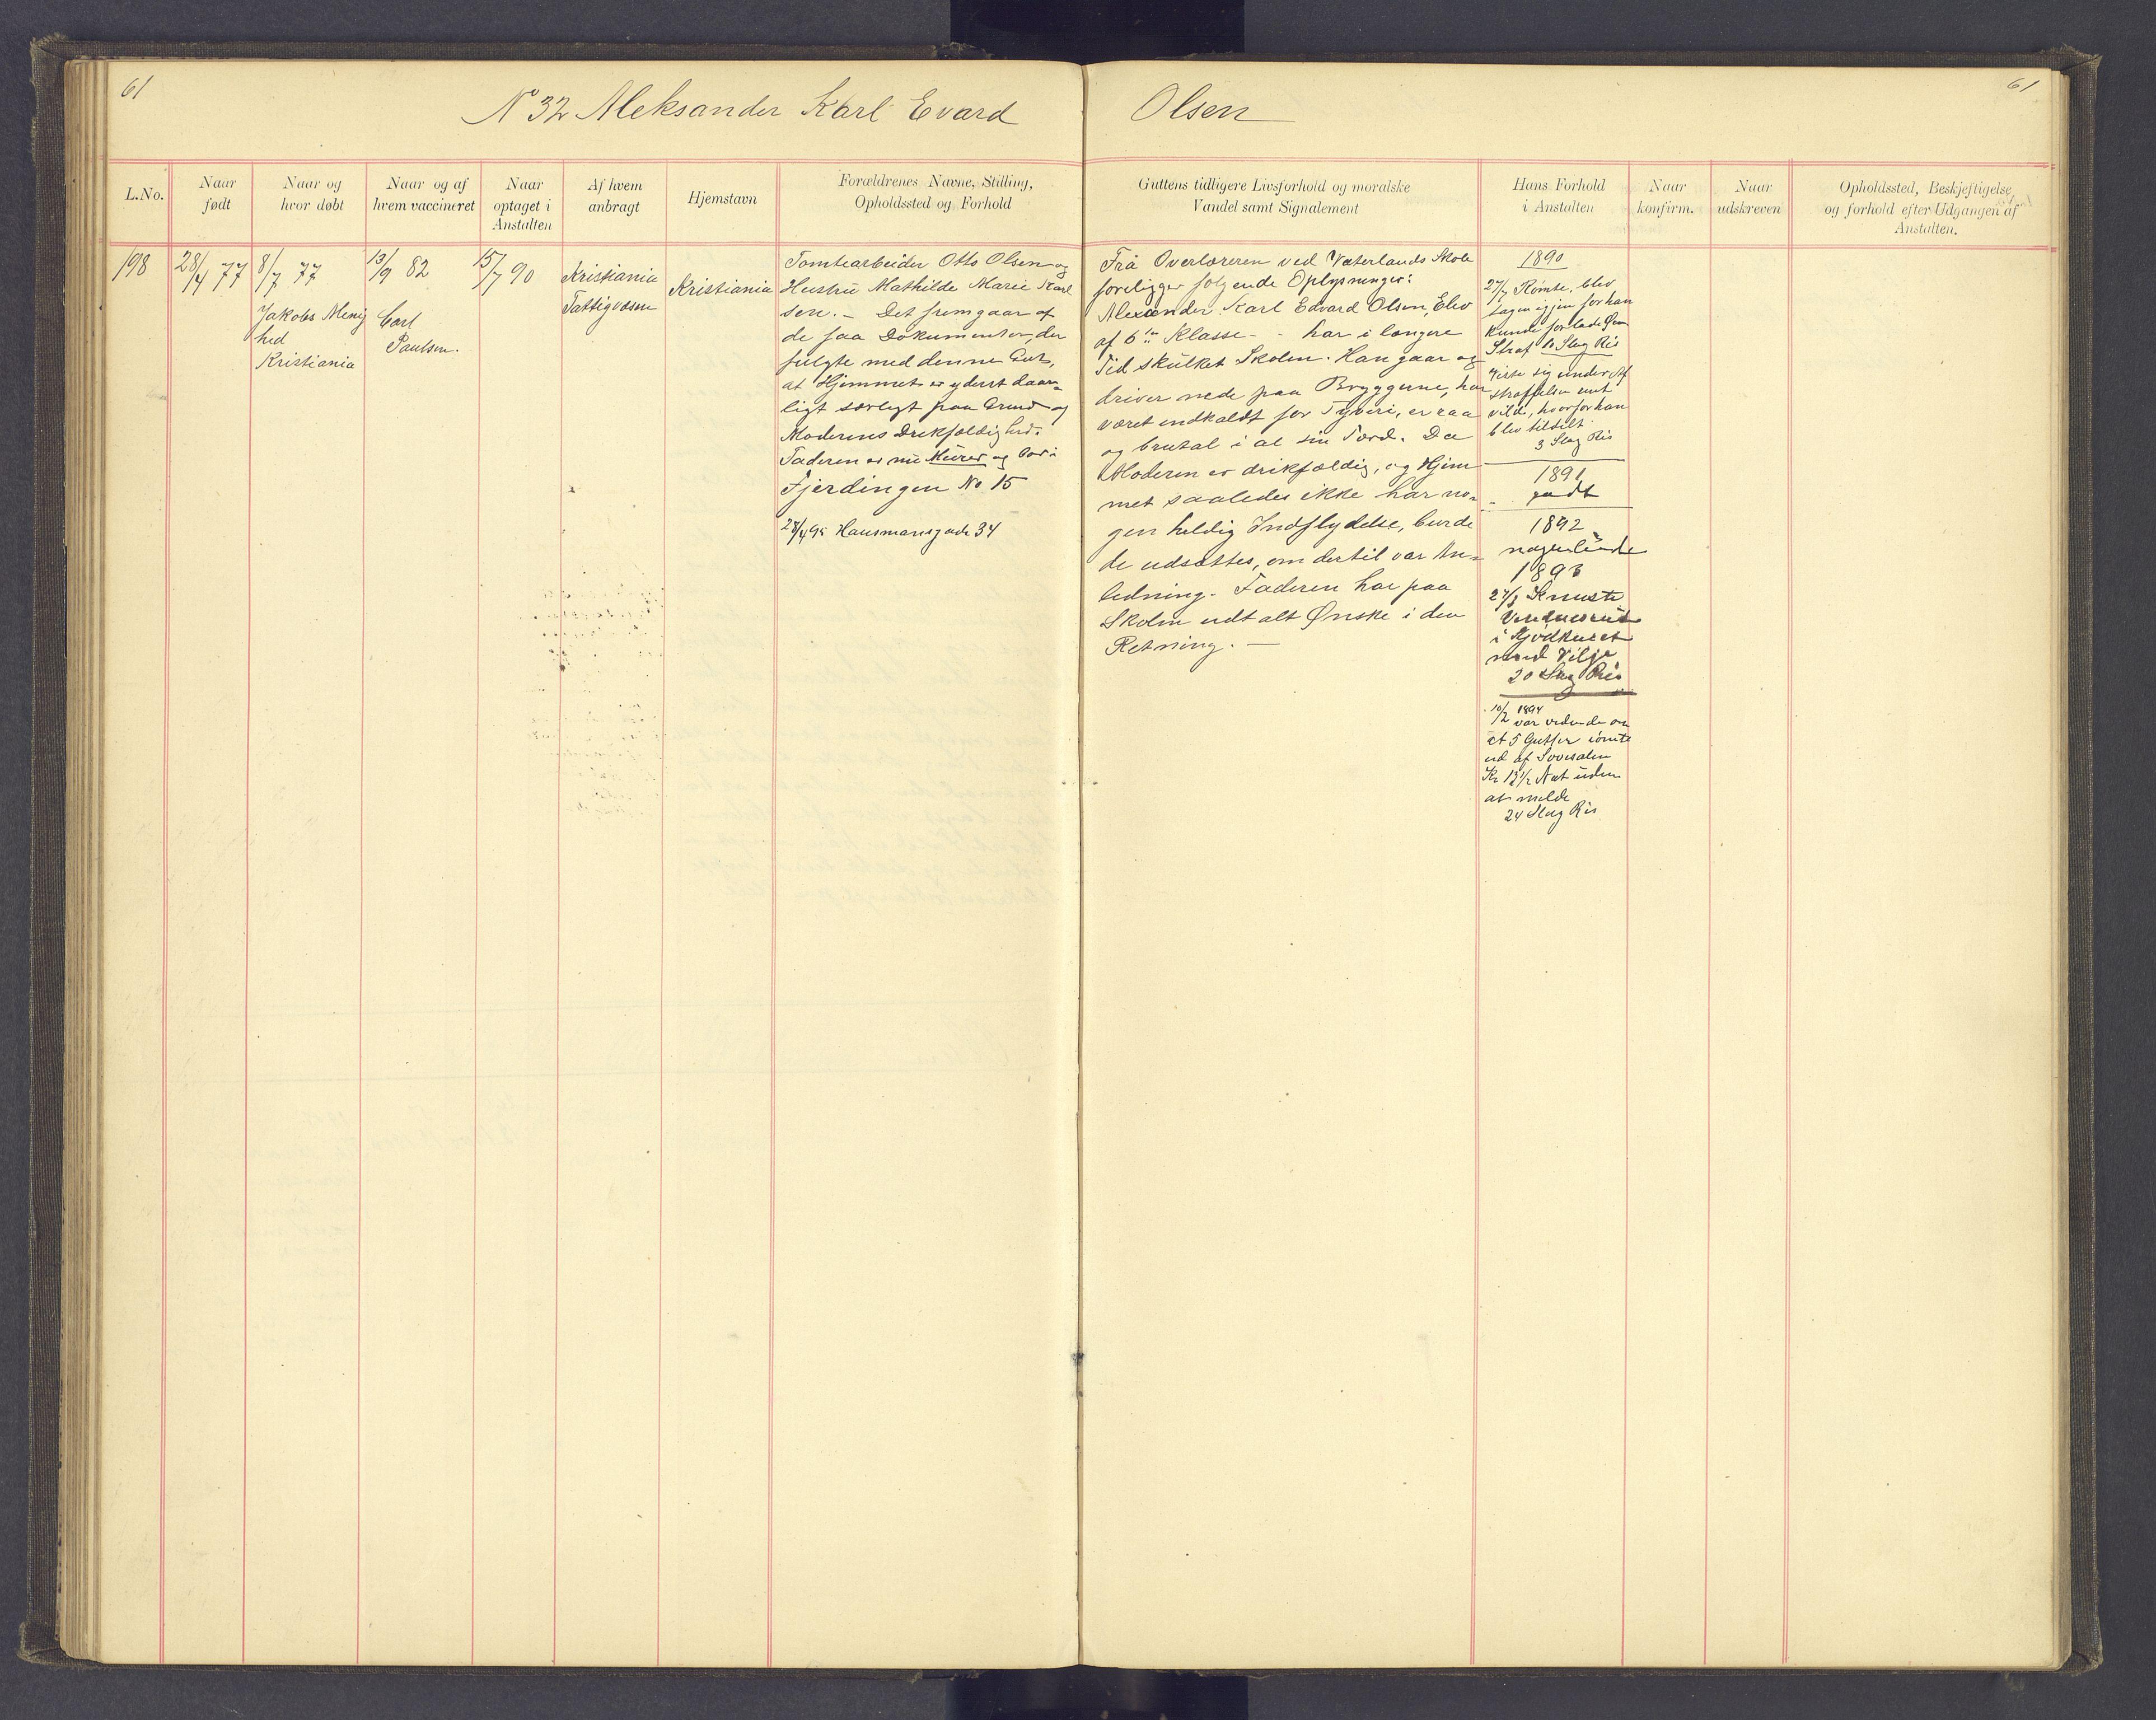 SAH, Toftes Gave, F/Fc/L0004: Elevprotokoll, 1885-1897, s. 61